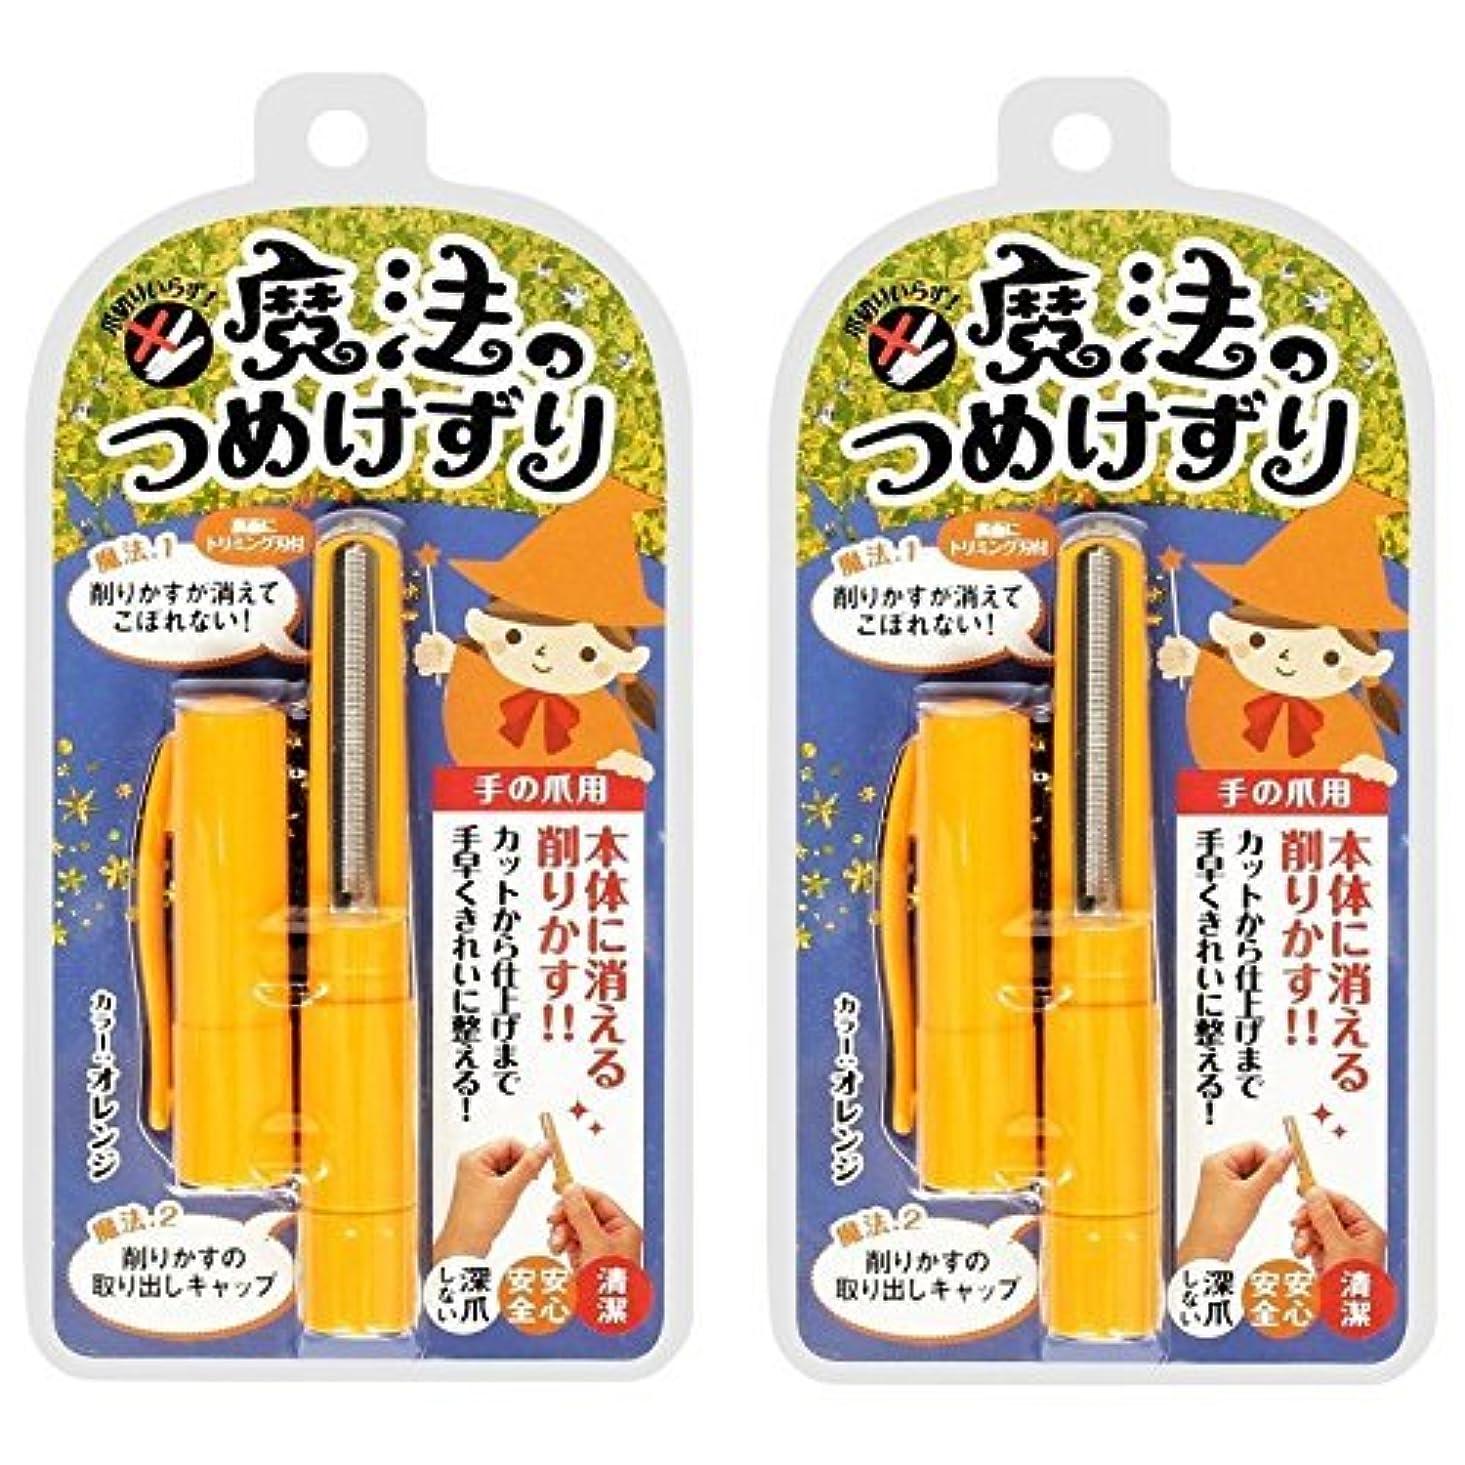 仕出します投獄相手【セット品】松本金型 魔法のつめけずり MM-090 オレンジ ×2個